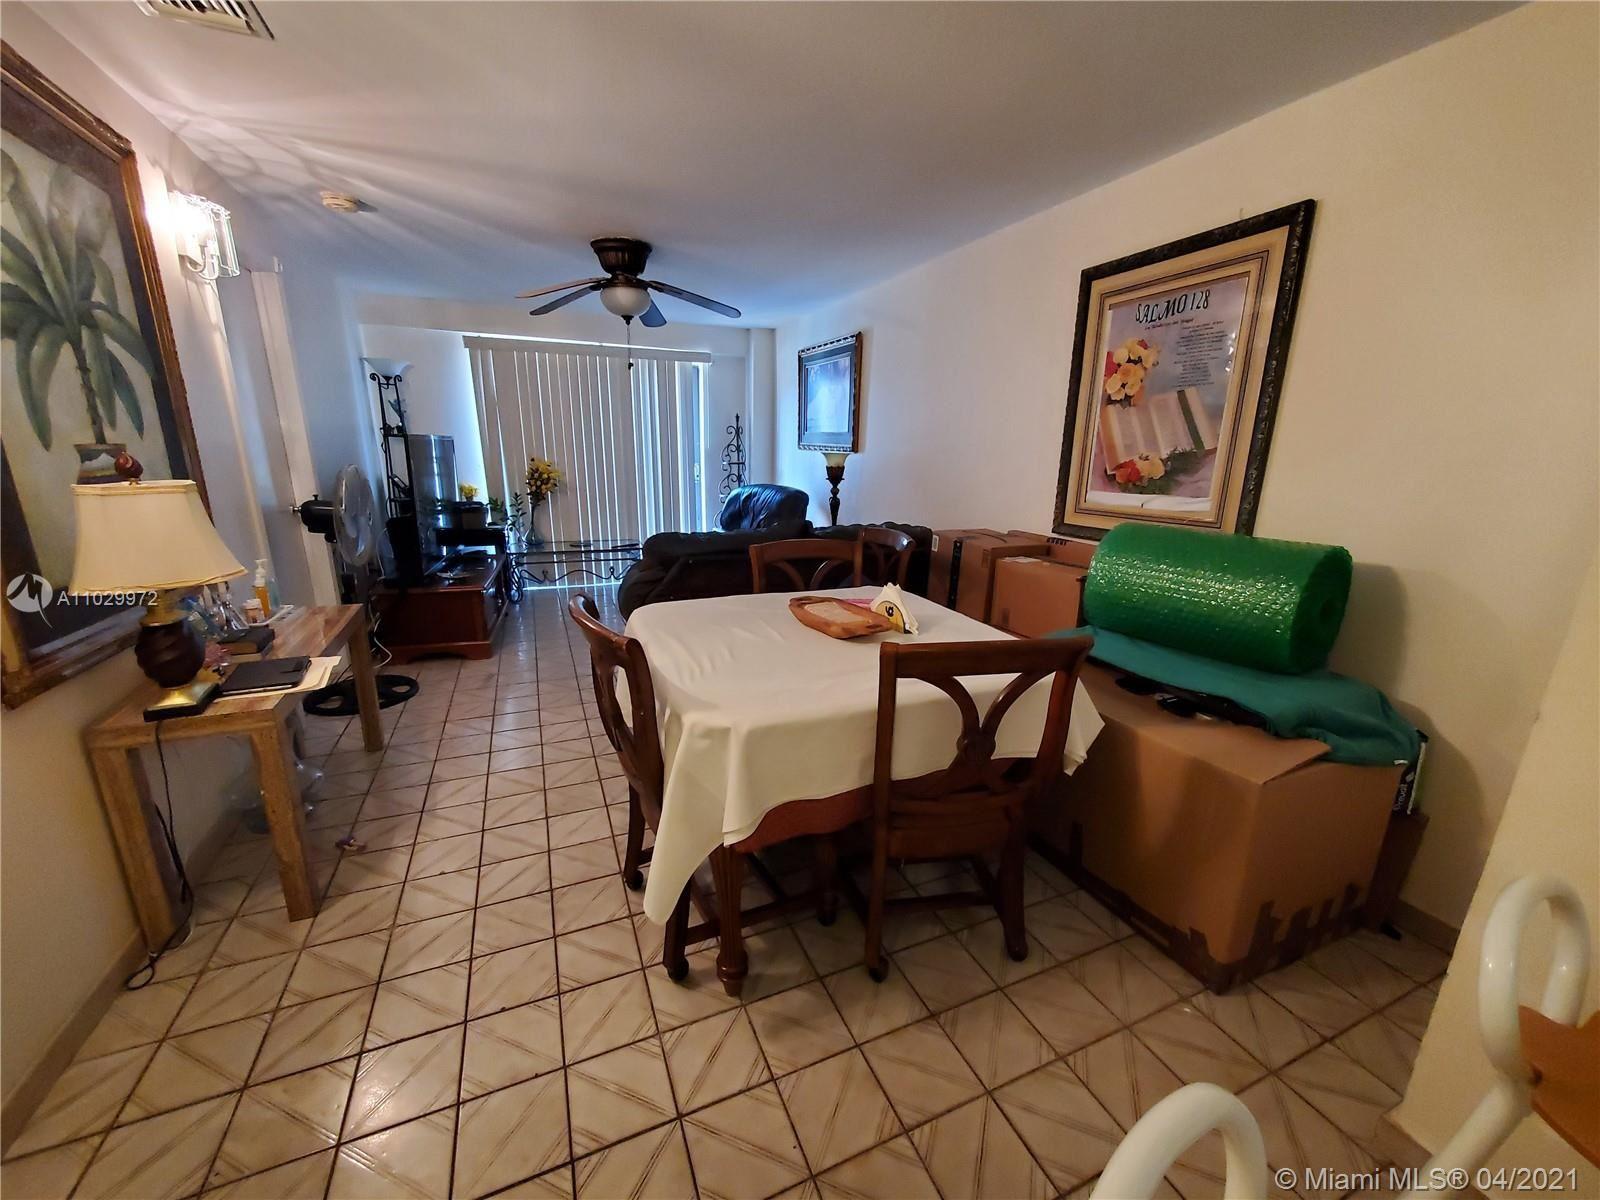 777 SW 9th Ave #204, Miami, FL 33130 - #: A11029972